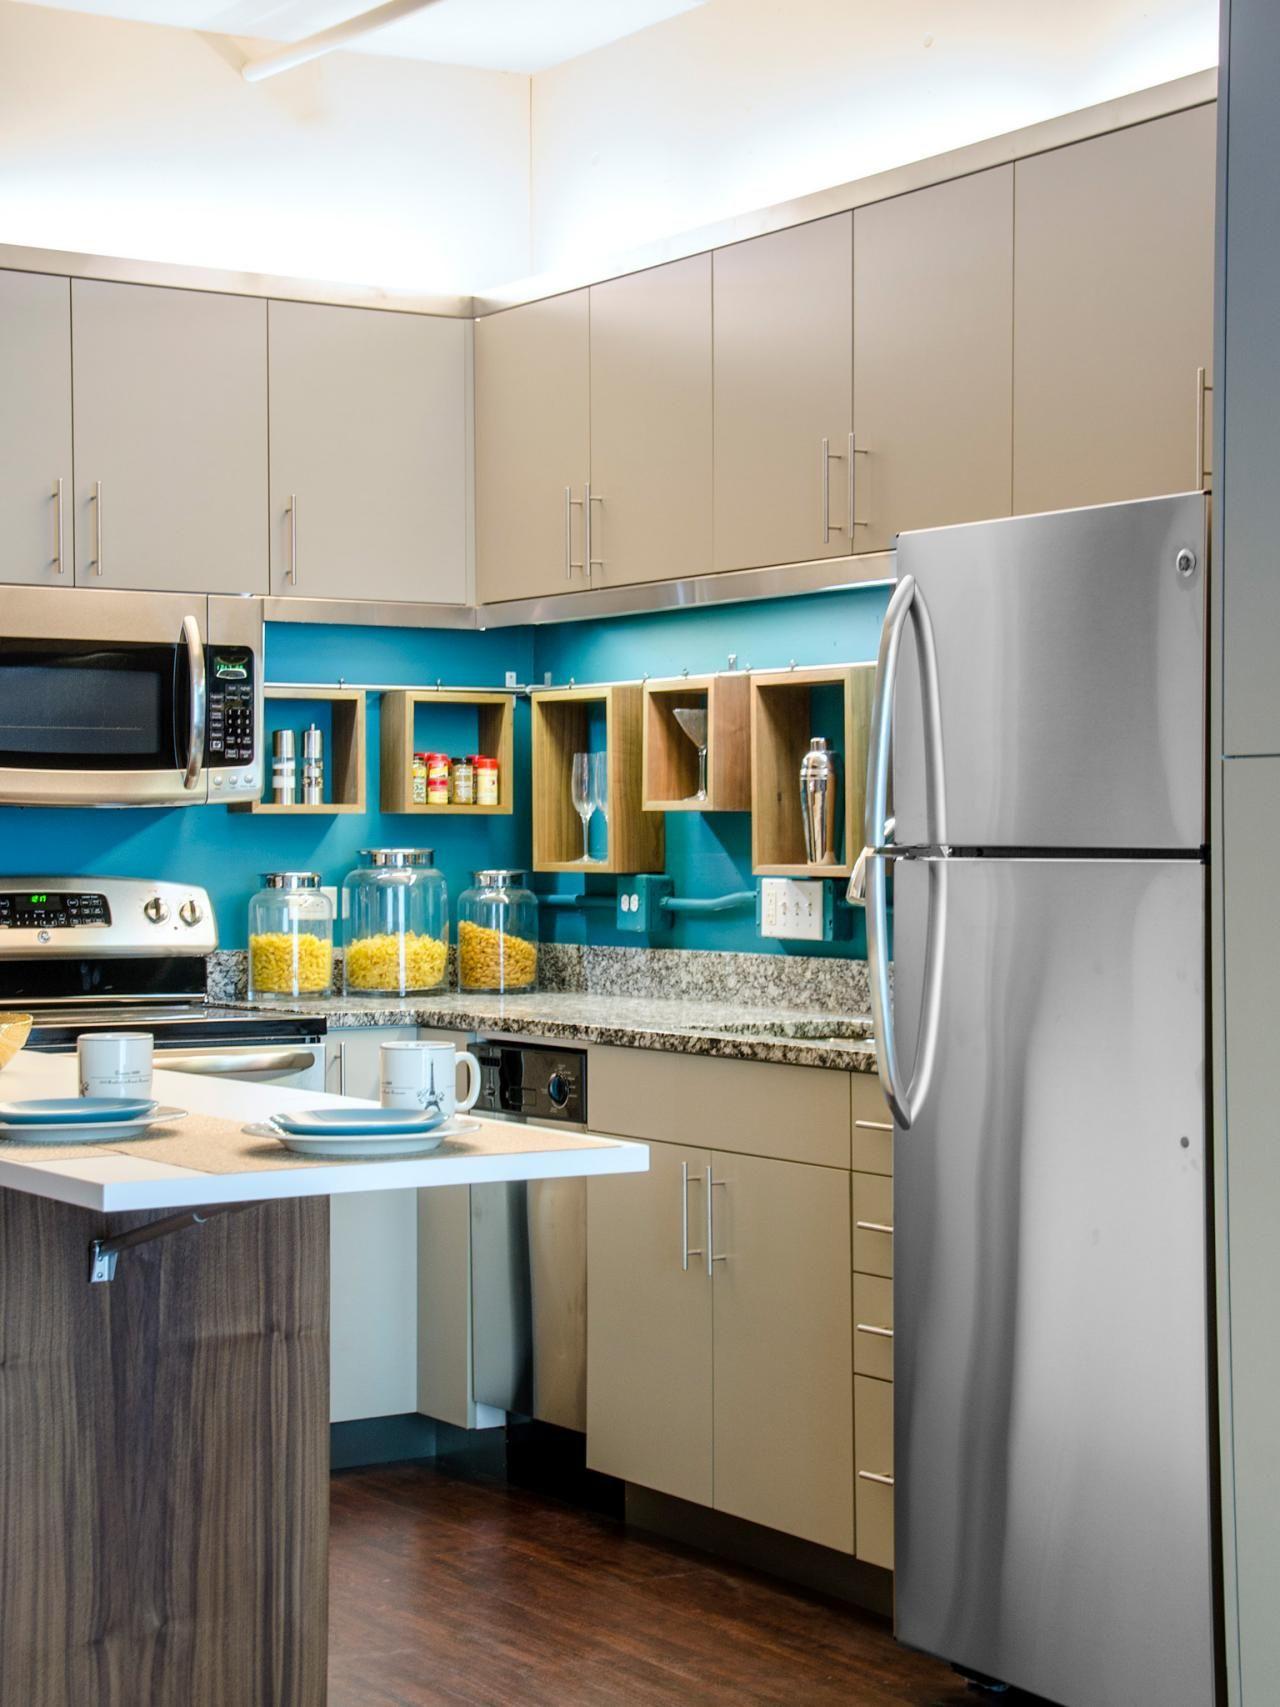 Dp_Laurihowellbluewhitebrowndowntownloftkitchen_Vrend Captivating Small Office Kitchen Design Ideas Design Inspiration